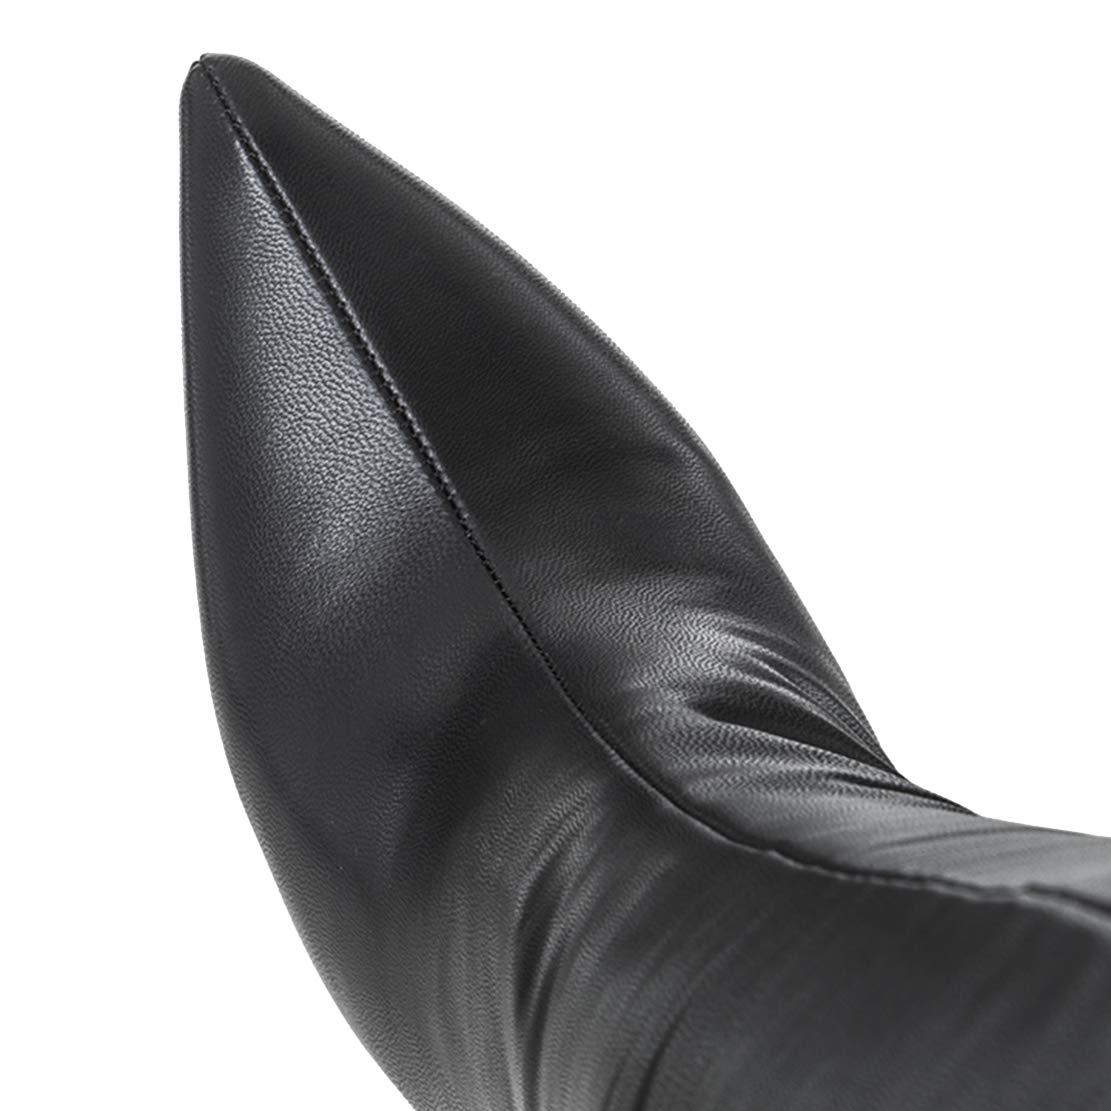 AIYOUMEI Damen Spitz Stiletto Lack Overknee Stiefel mit 12cm 12cm 12cm Absatz High Heels Elegant Perty Stiefel Schuhe 8abbd6